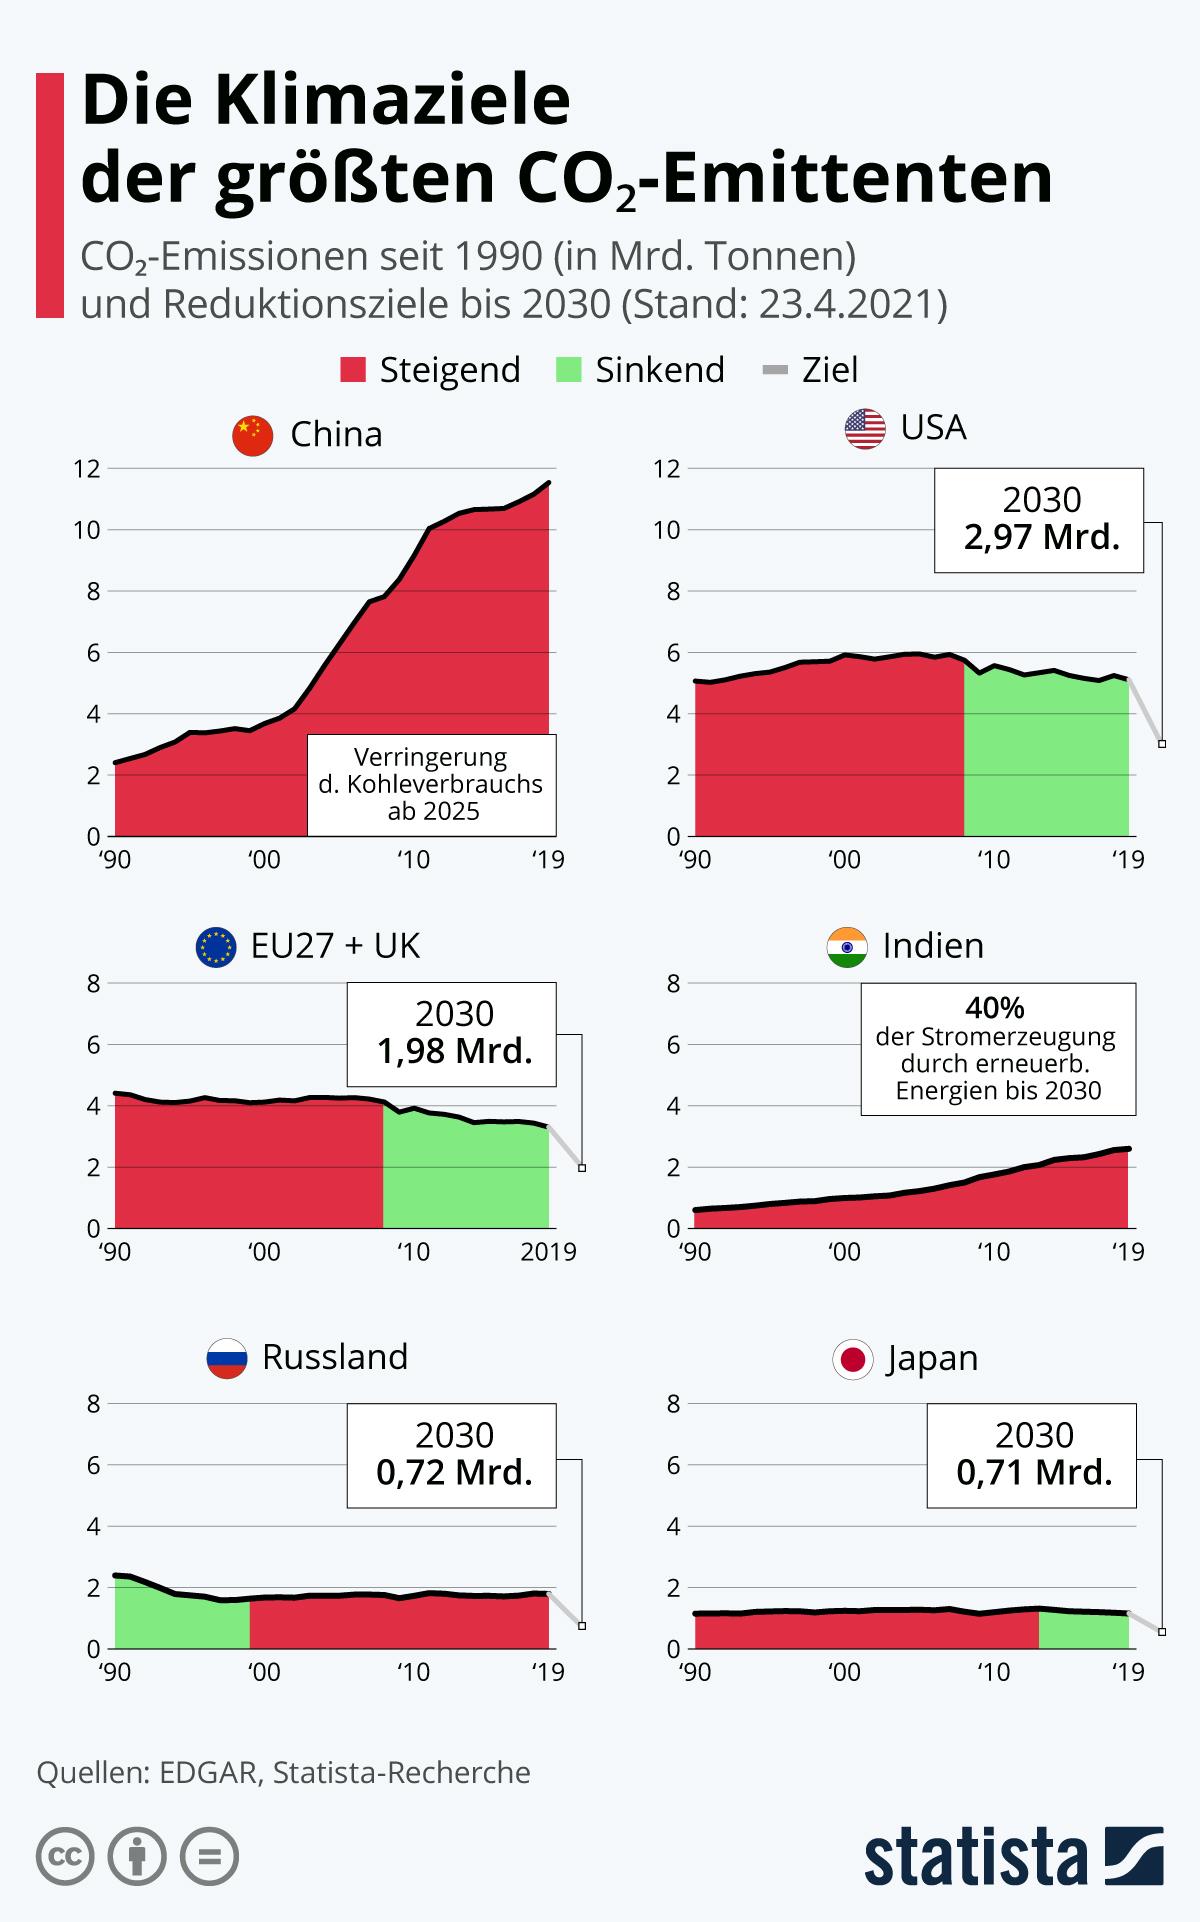 Die Klimaziele der größten CO2-Emittenten | Statista